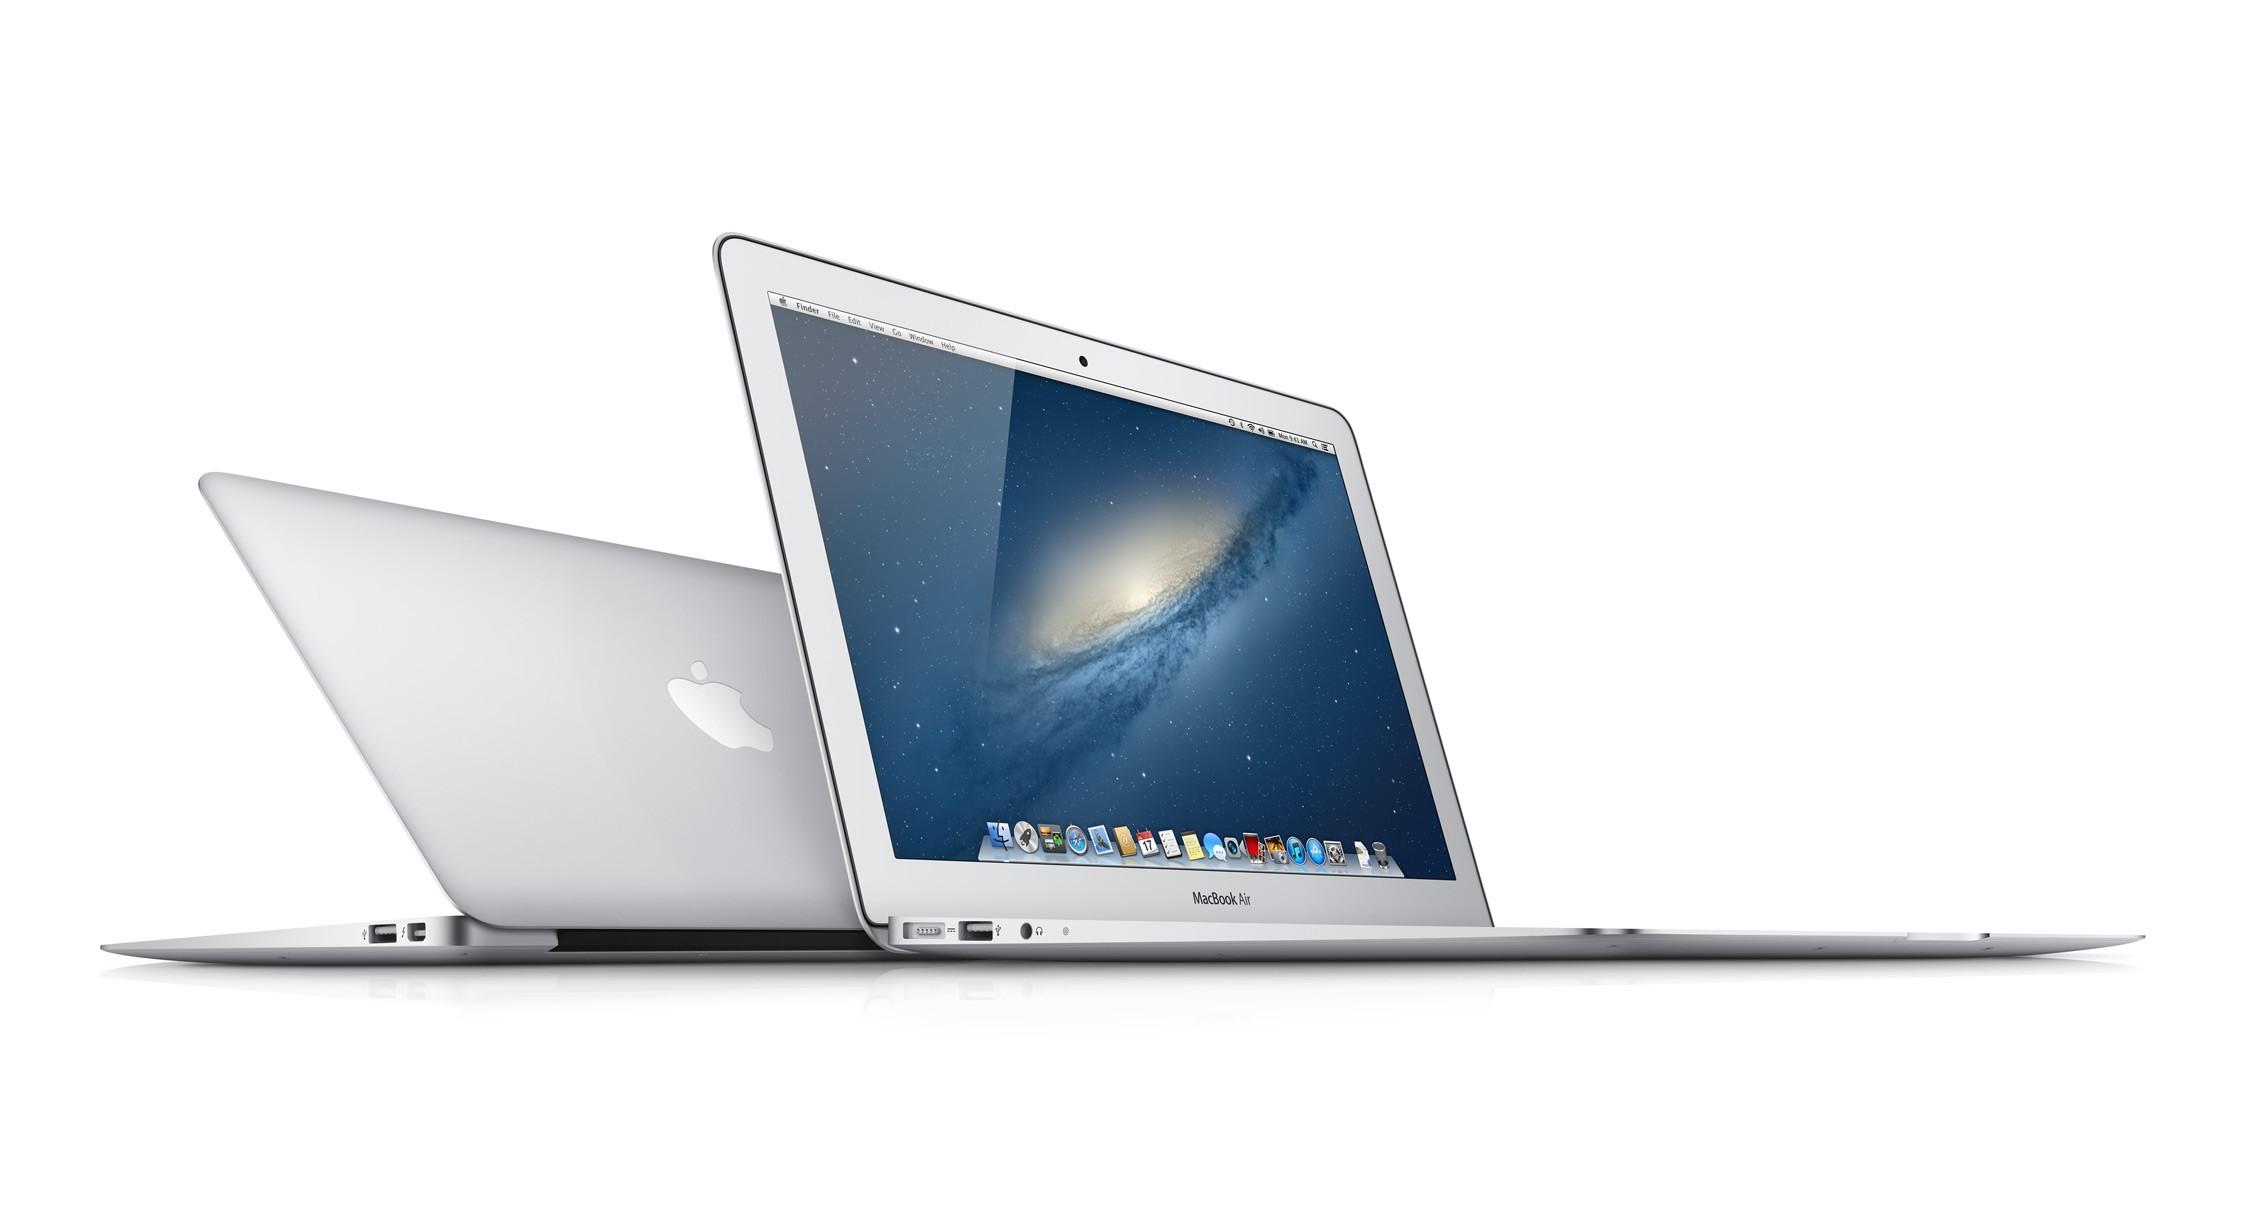 Macbook Air 13 inch 2017 MQD32 giá tốt nhất tại 2T Mobile